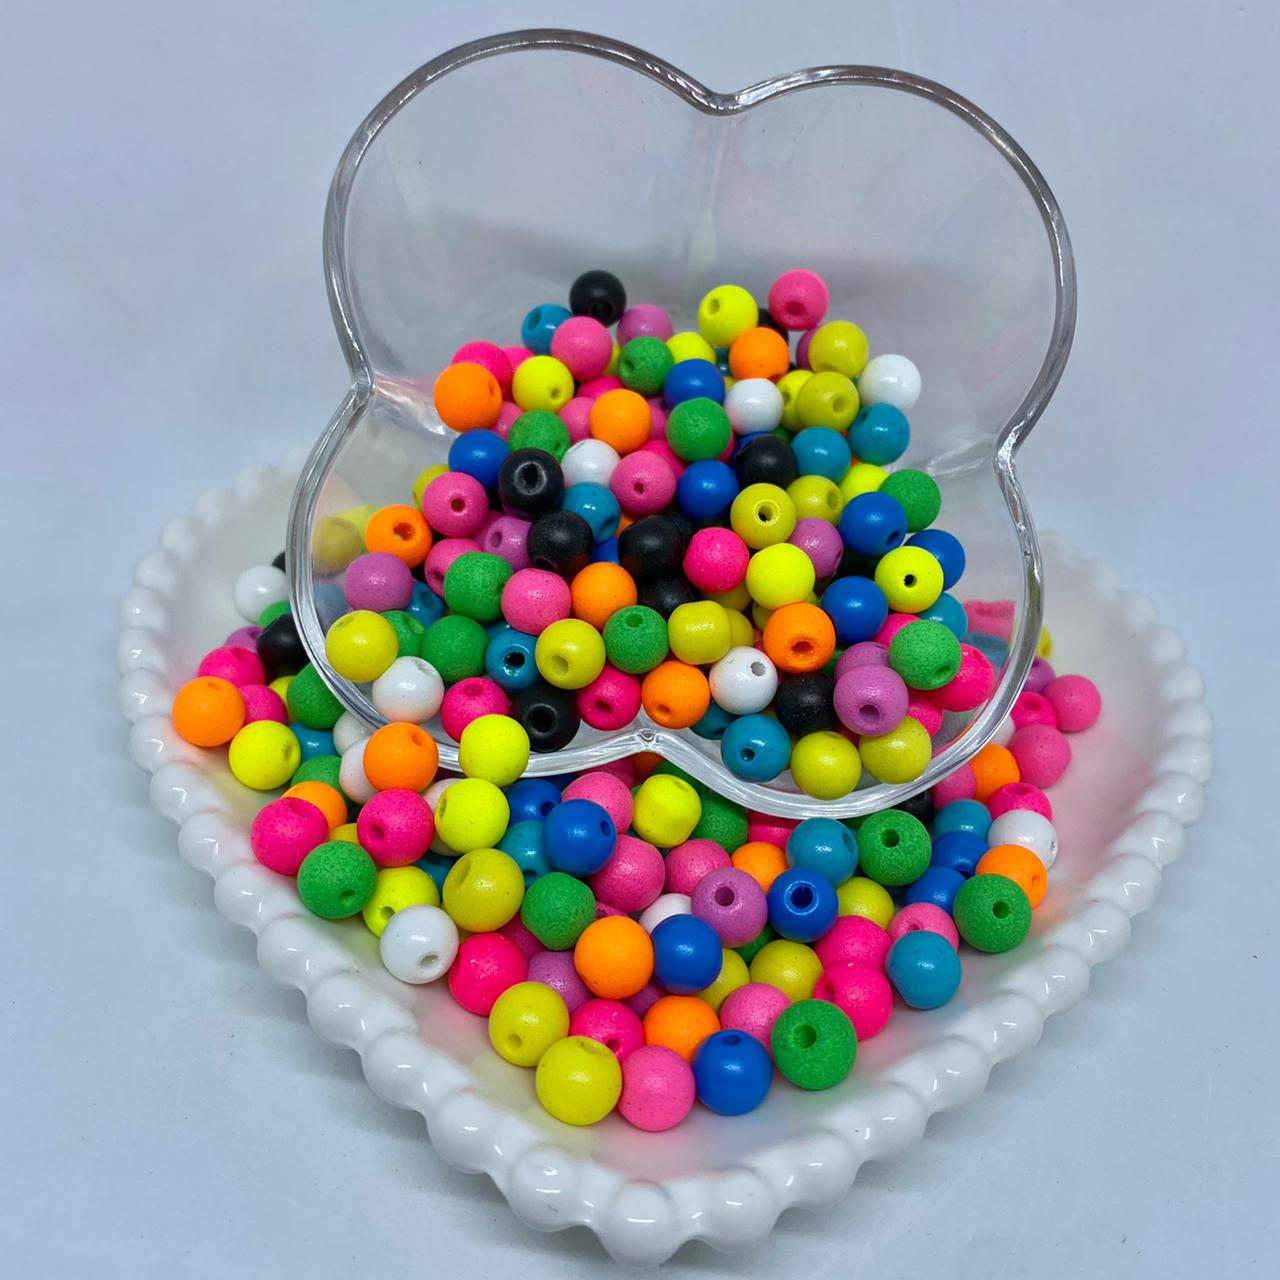 Bolinha de vidro 8mm multicolor